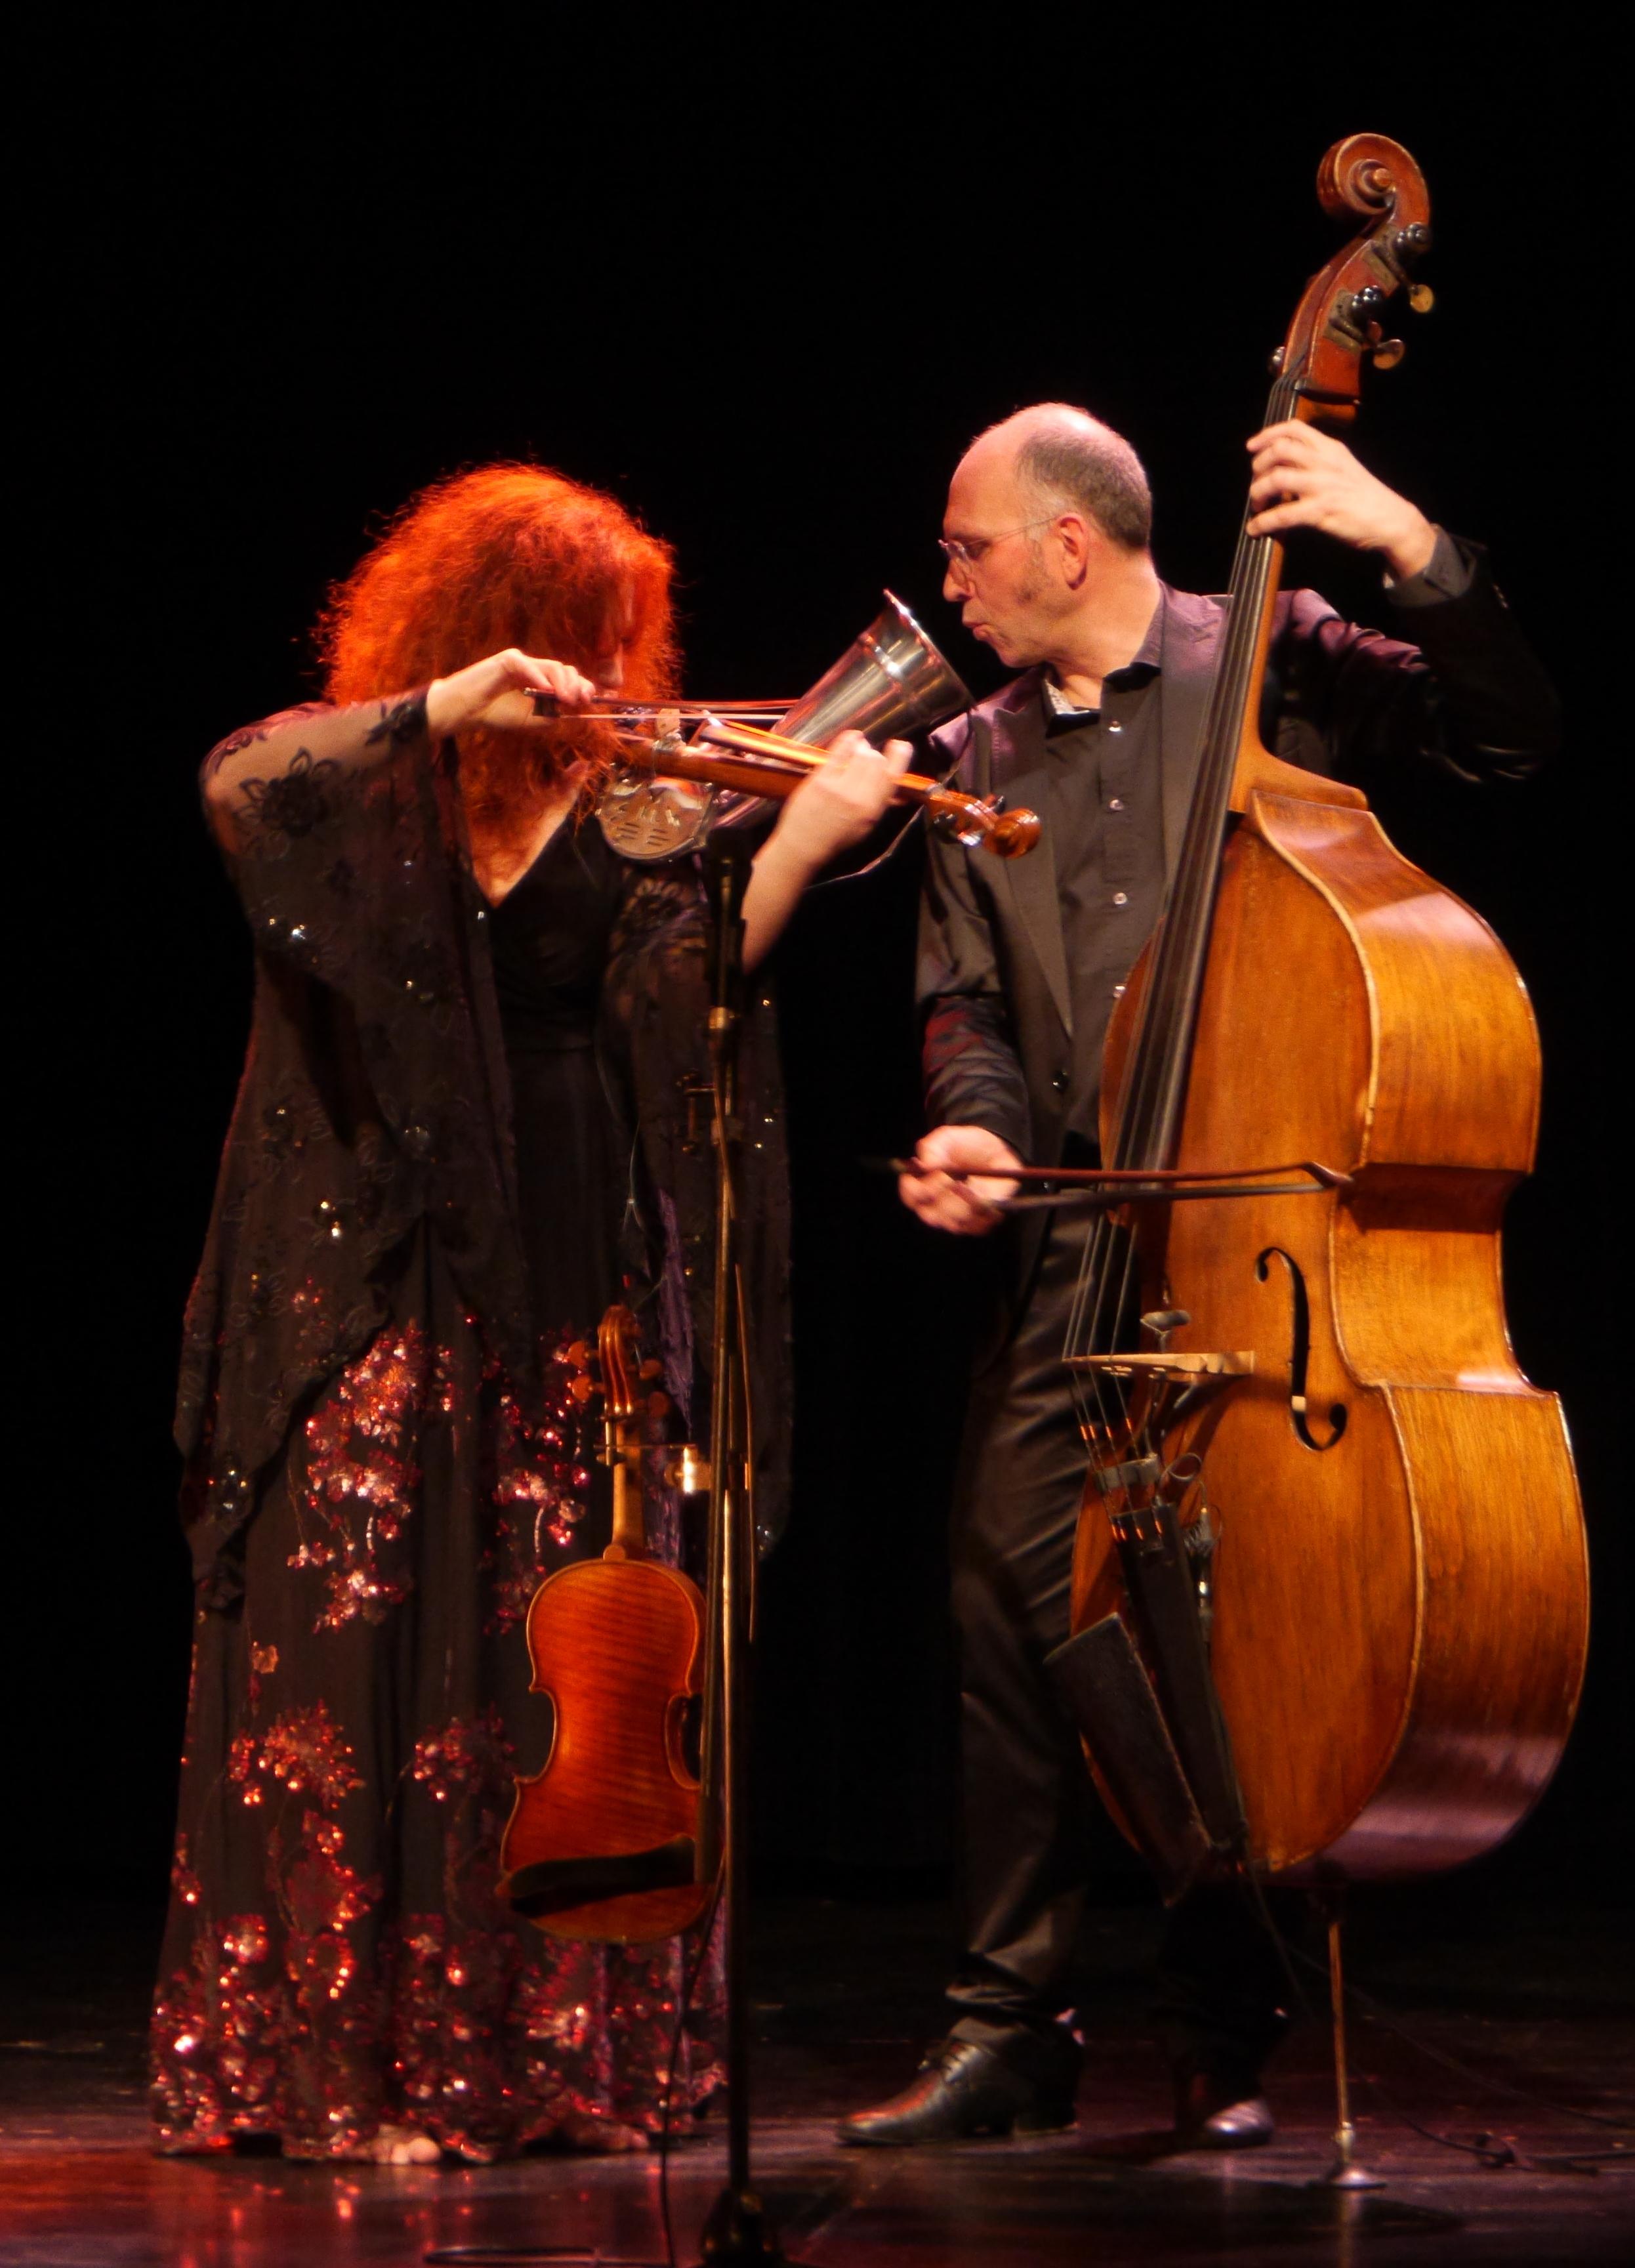 Martina EIsenreich & Alexander Haas. Fotography by Werner Gruban.